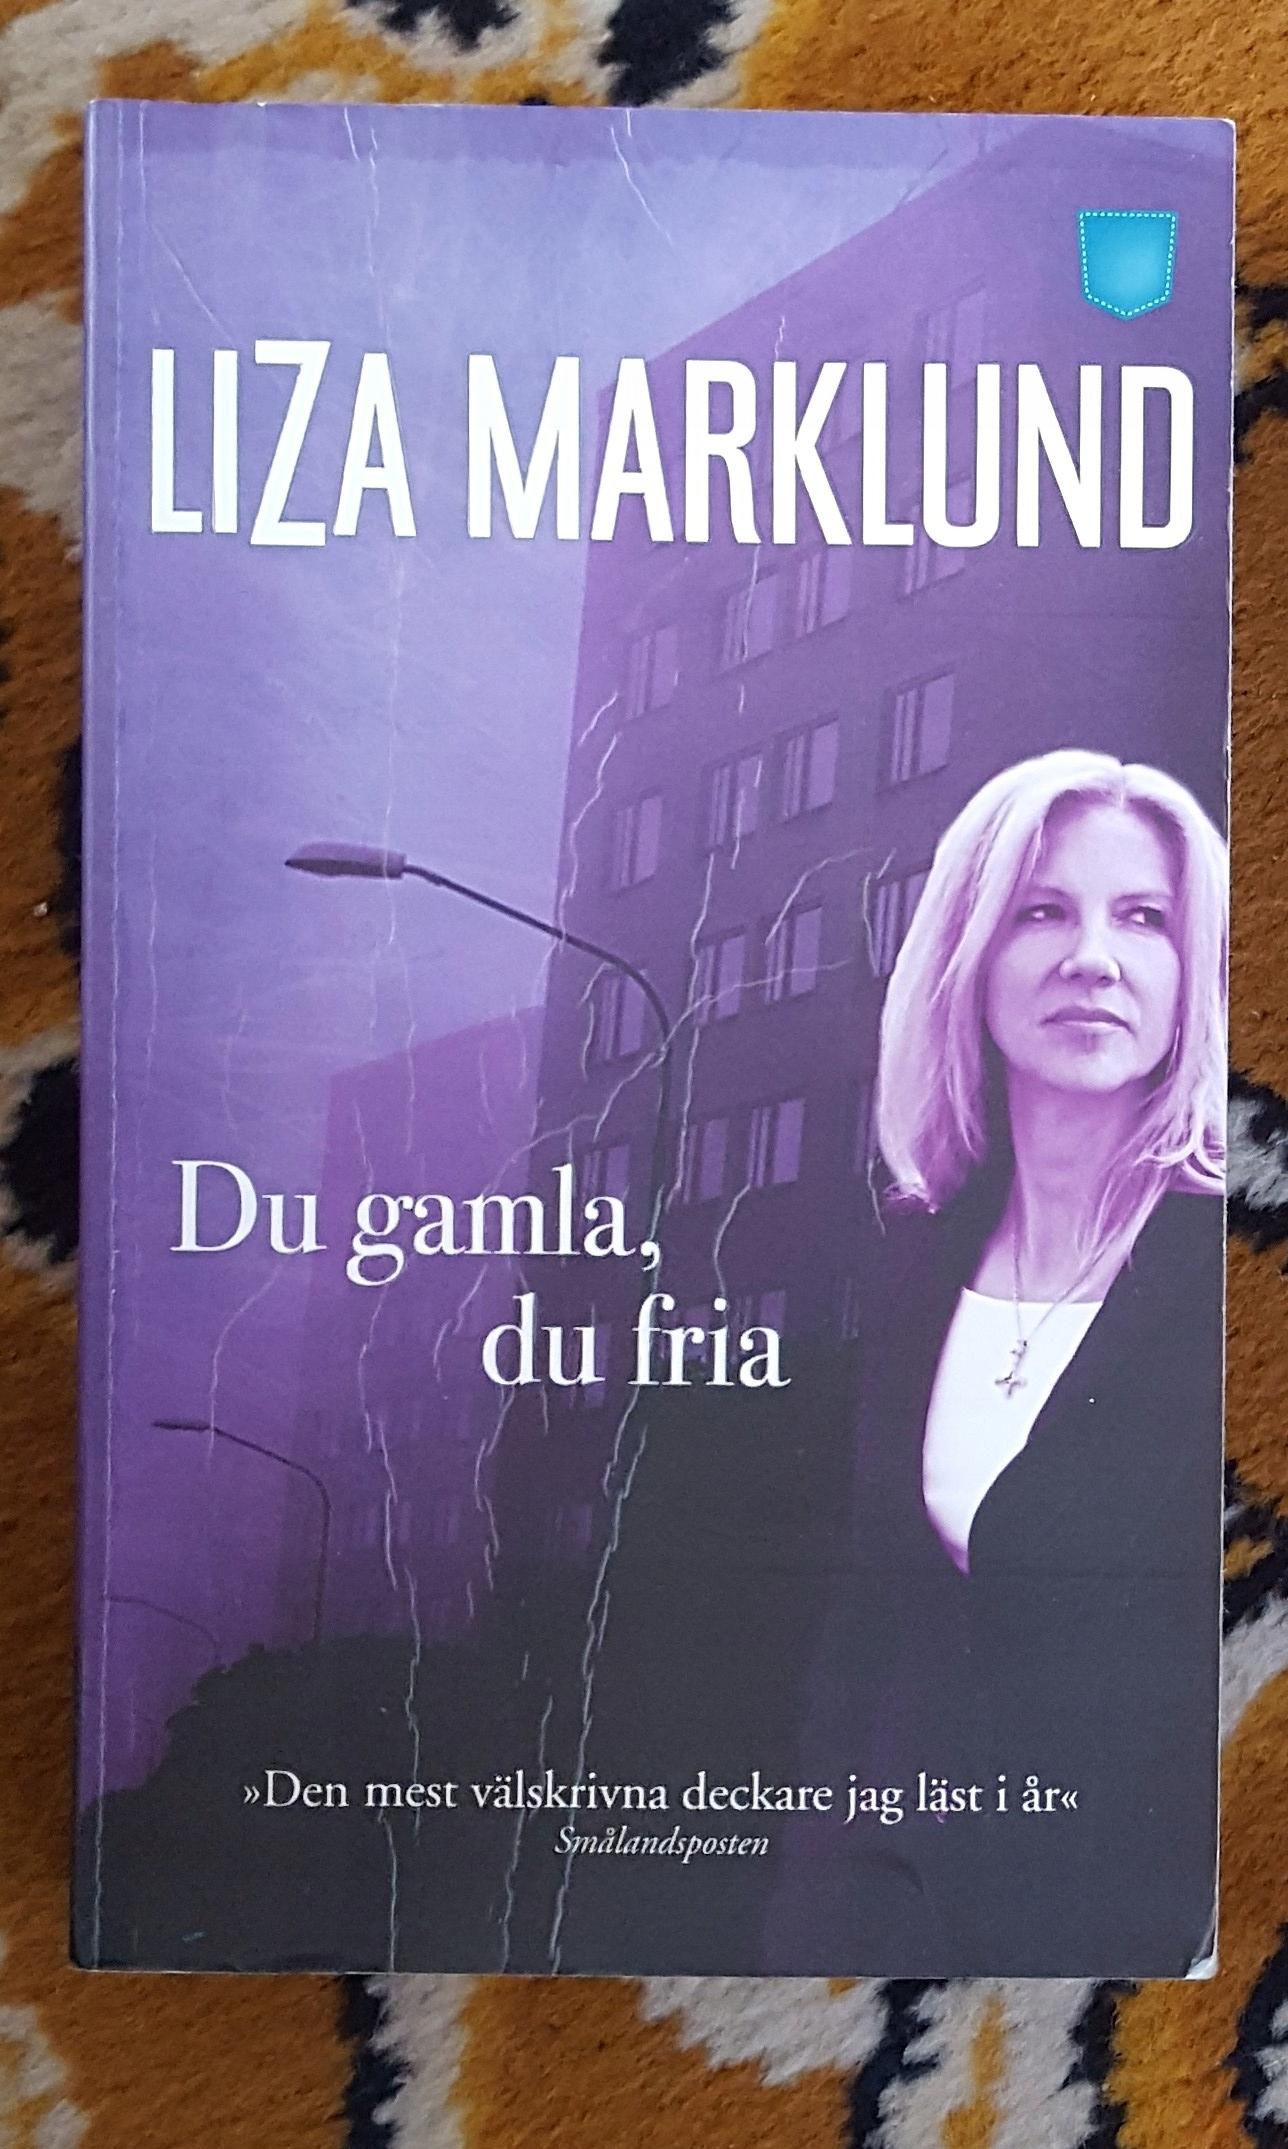 Liza Marklund, Du gamla, du fria, SZWEDZKI